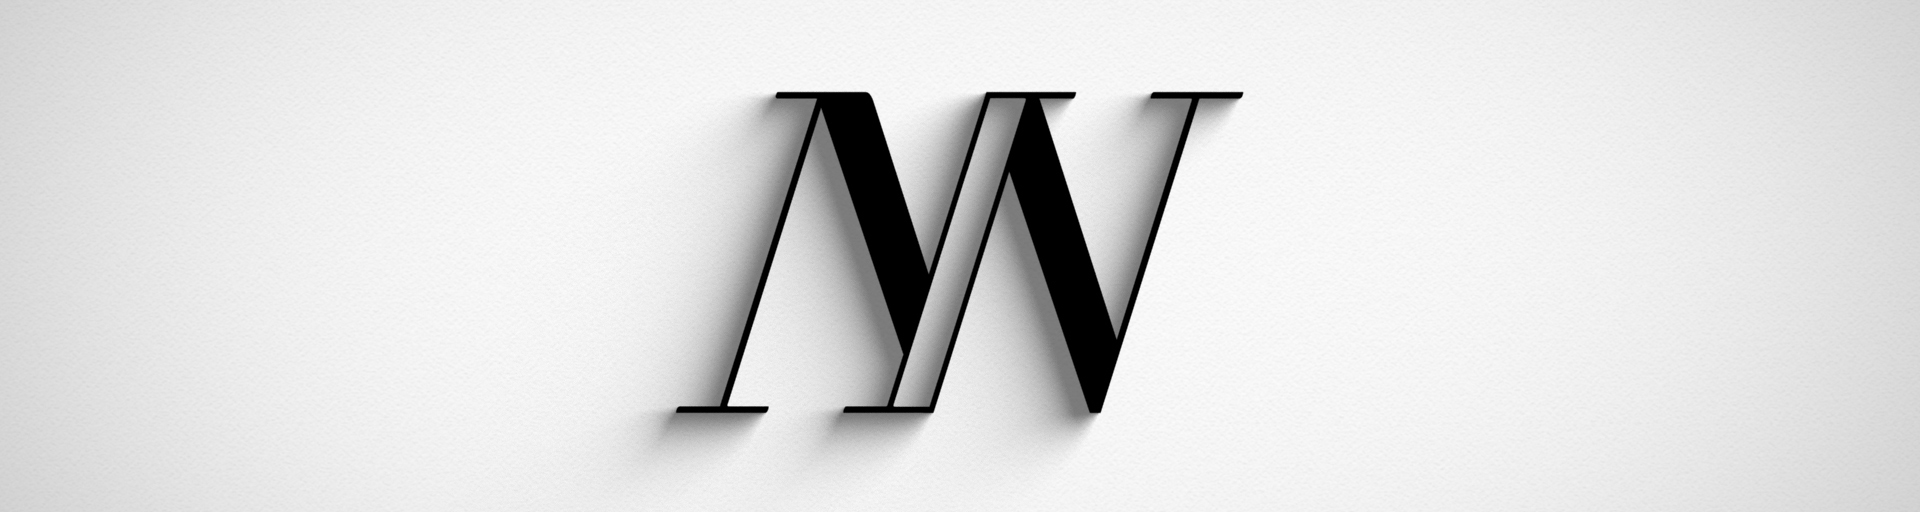 Double_N_logo_v03_banner